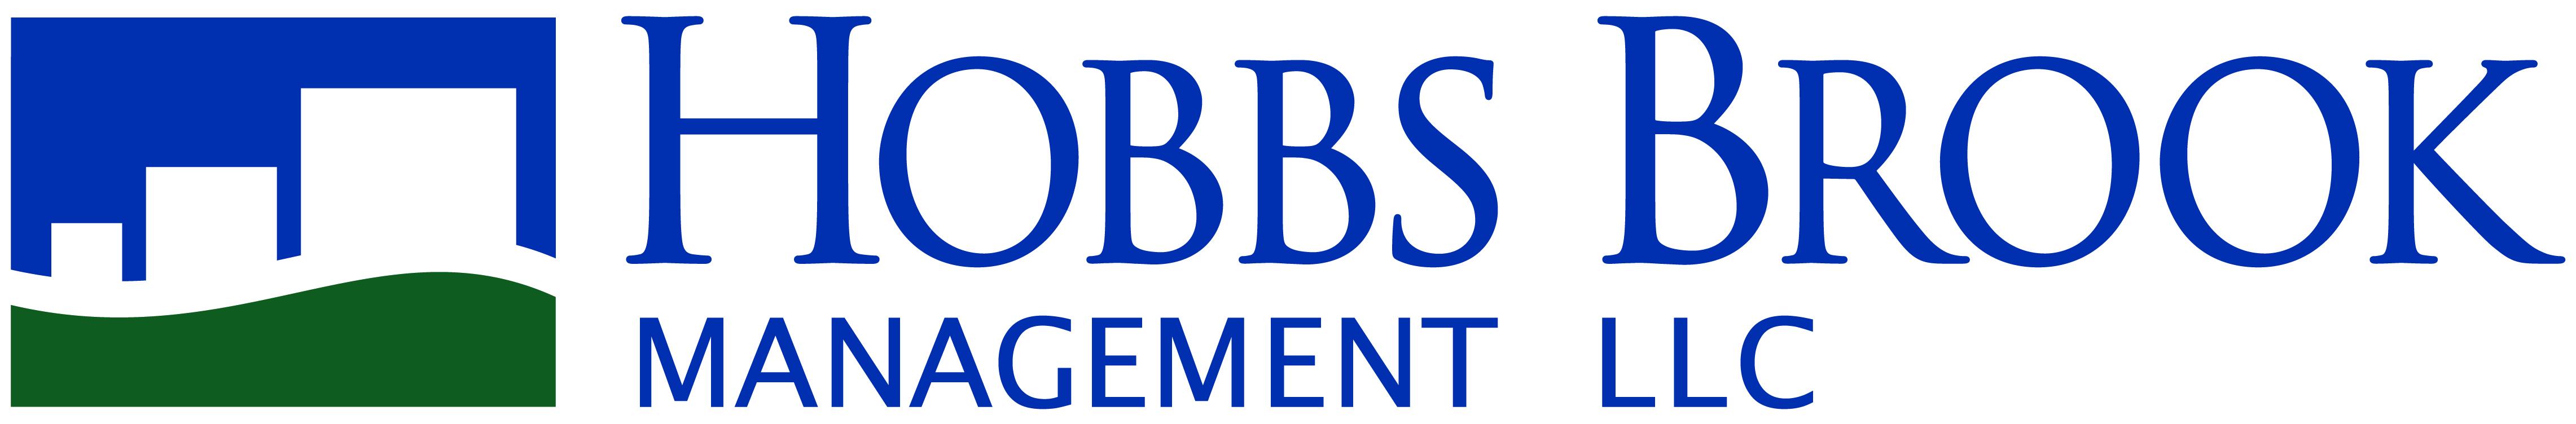 Hobbs_LLC_RGB20160920181235